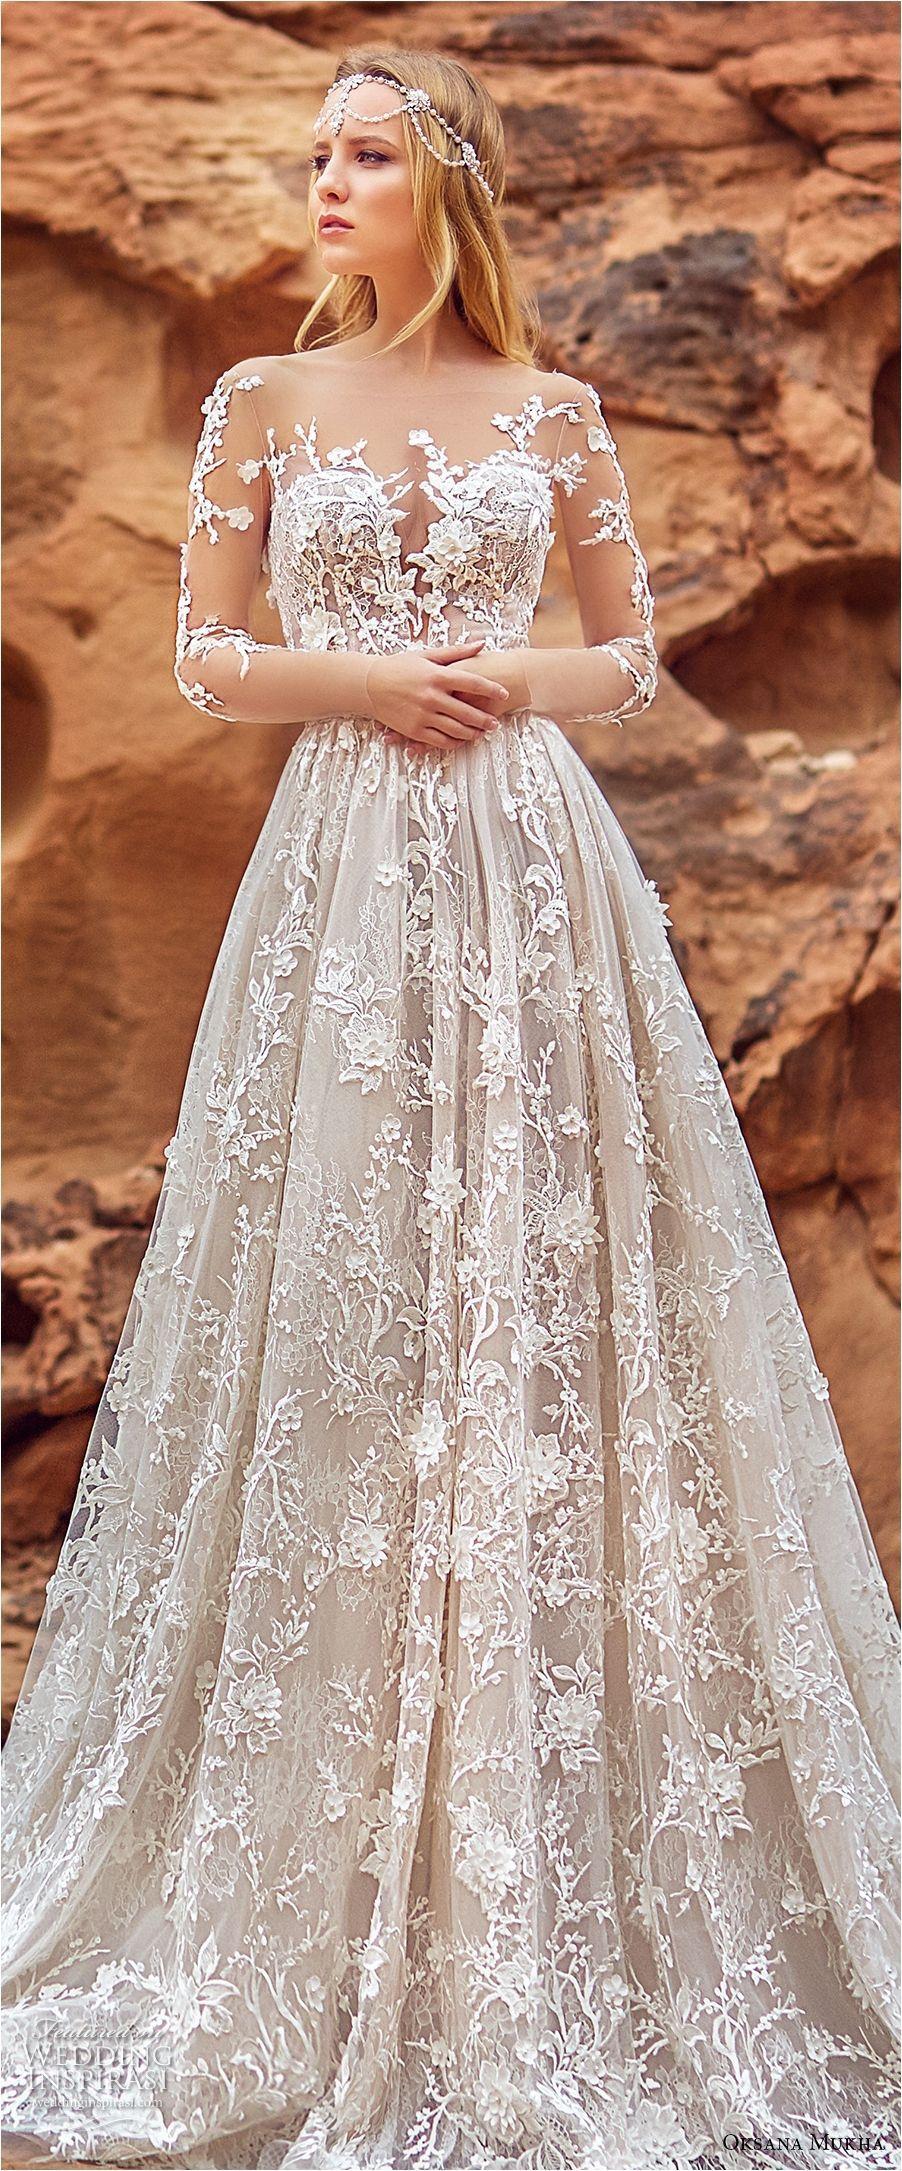 Pin by Ashley Marie Smith on Cute Weddings  Wedding